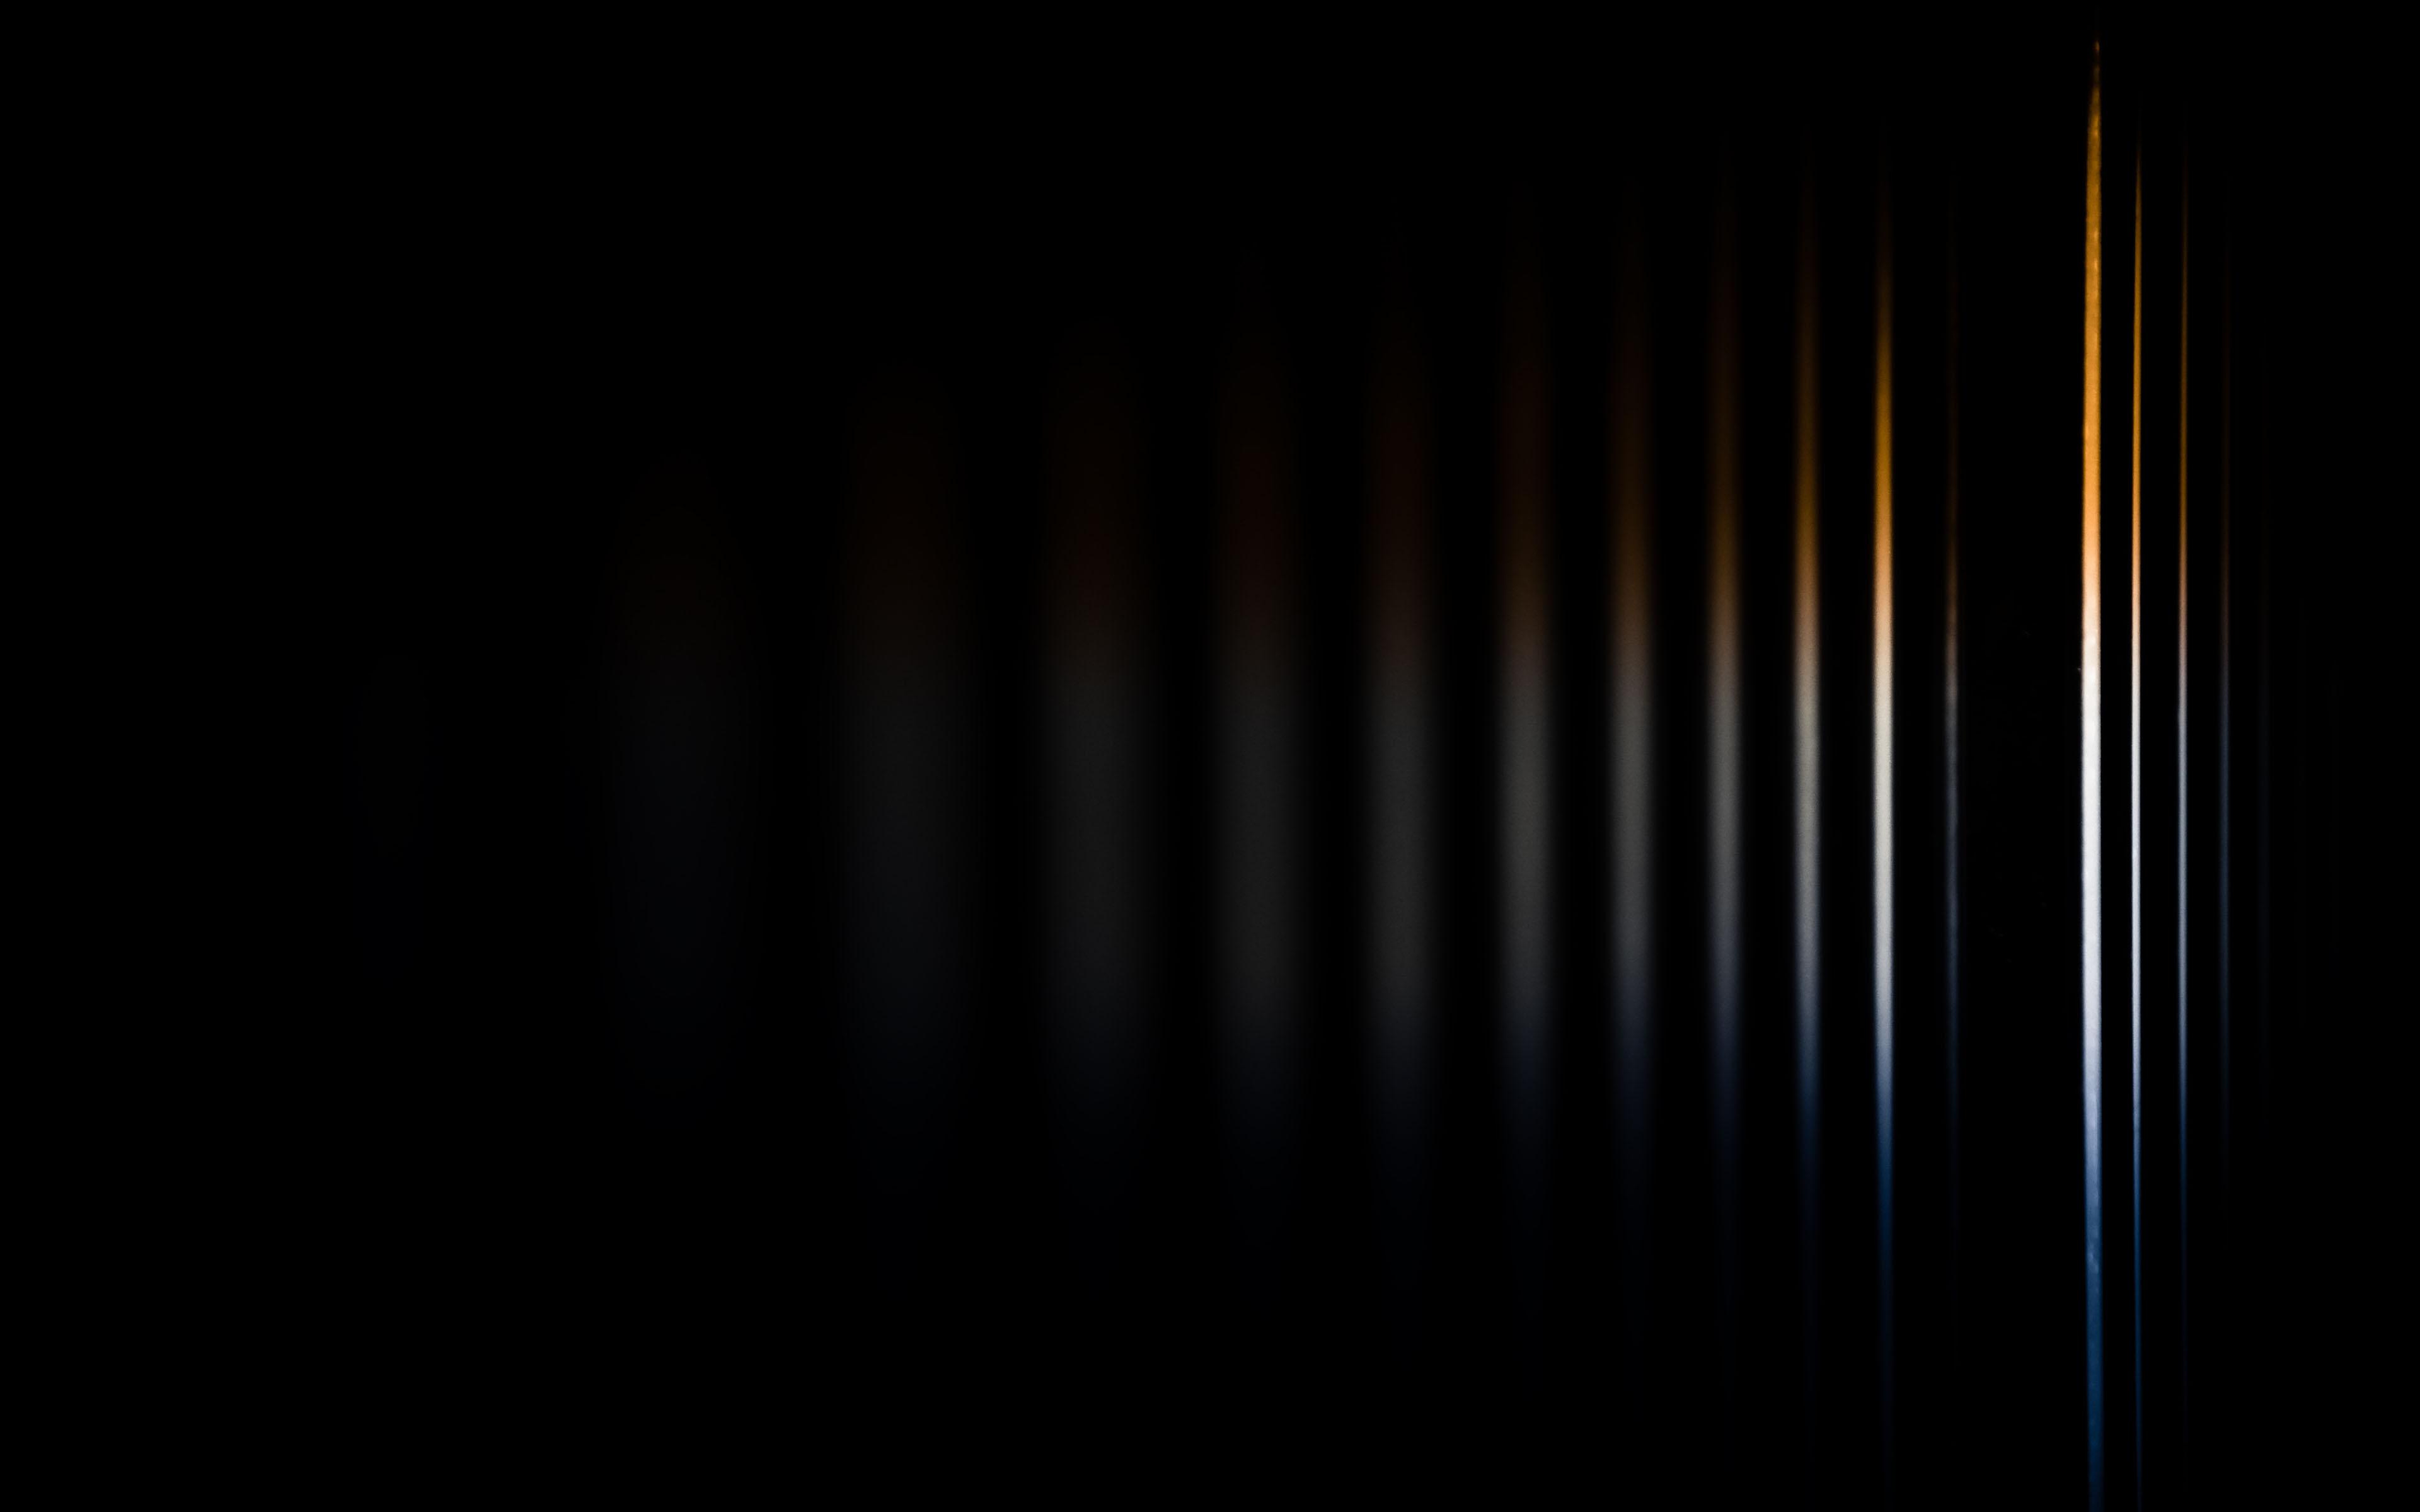 Einzelleuchte Streifen Licht